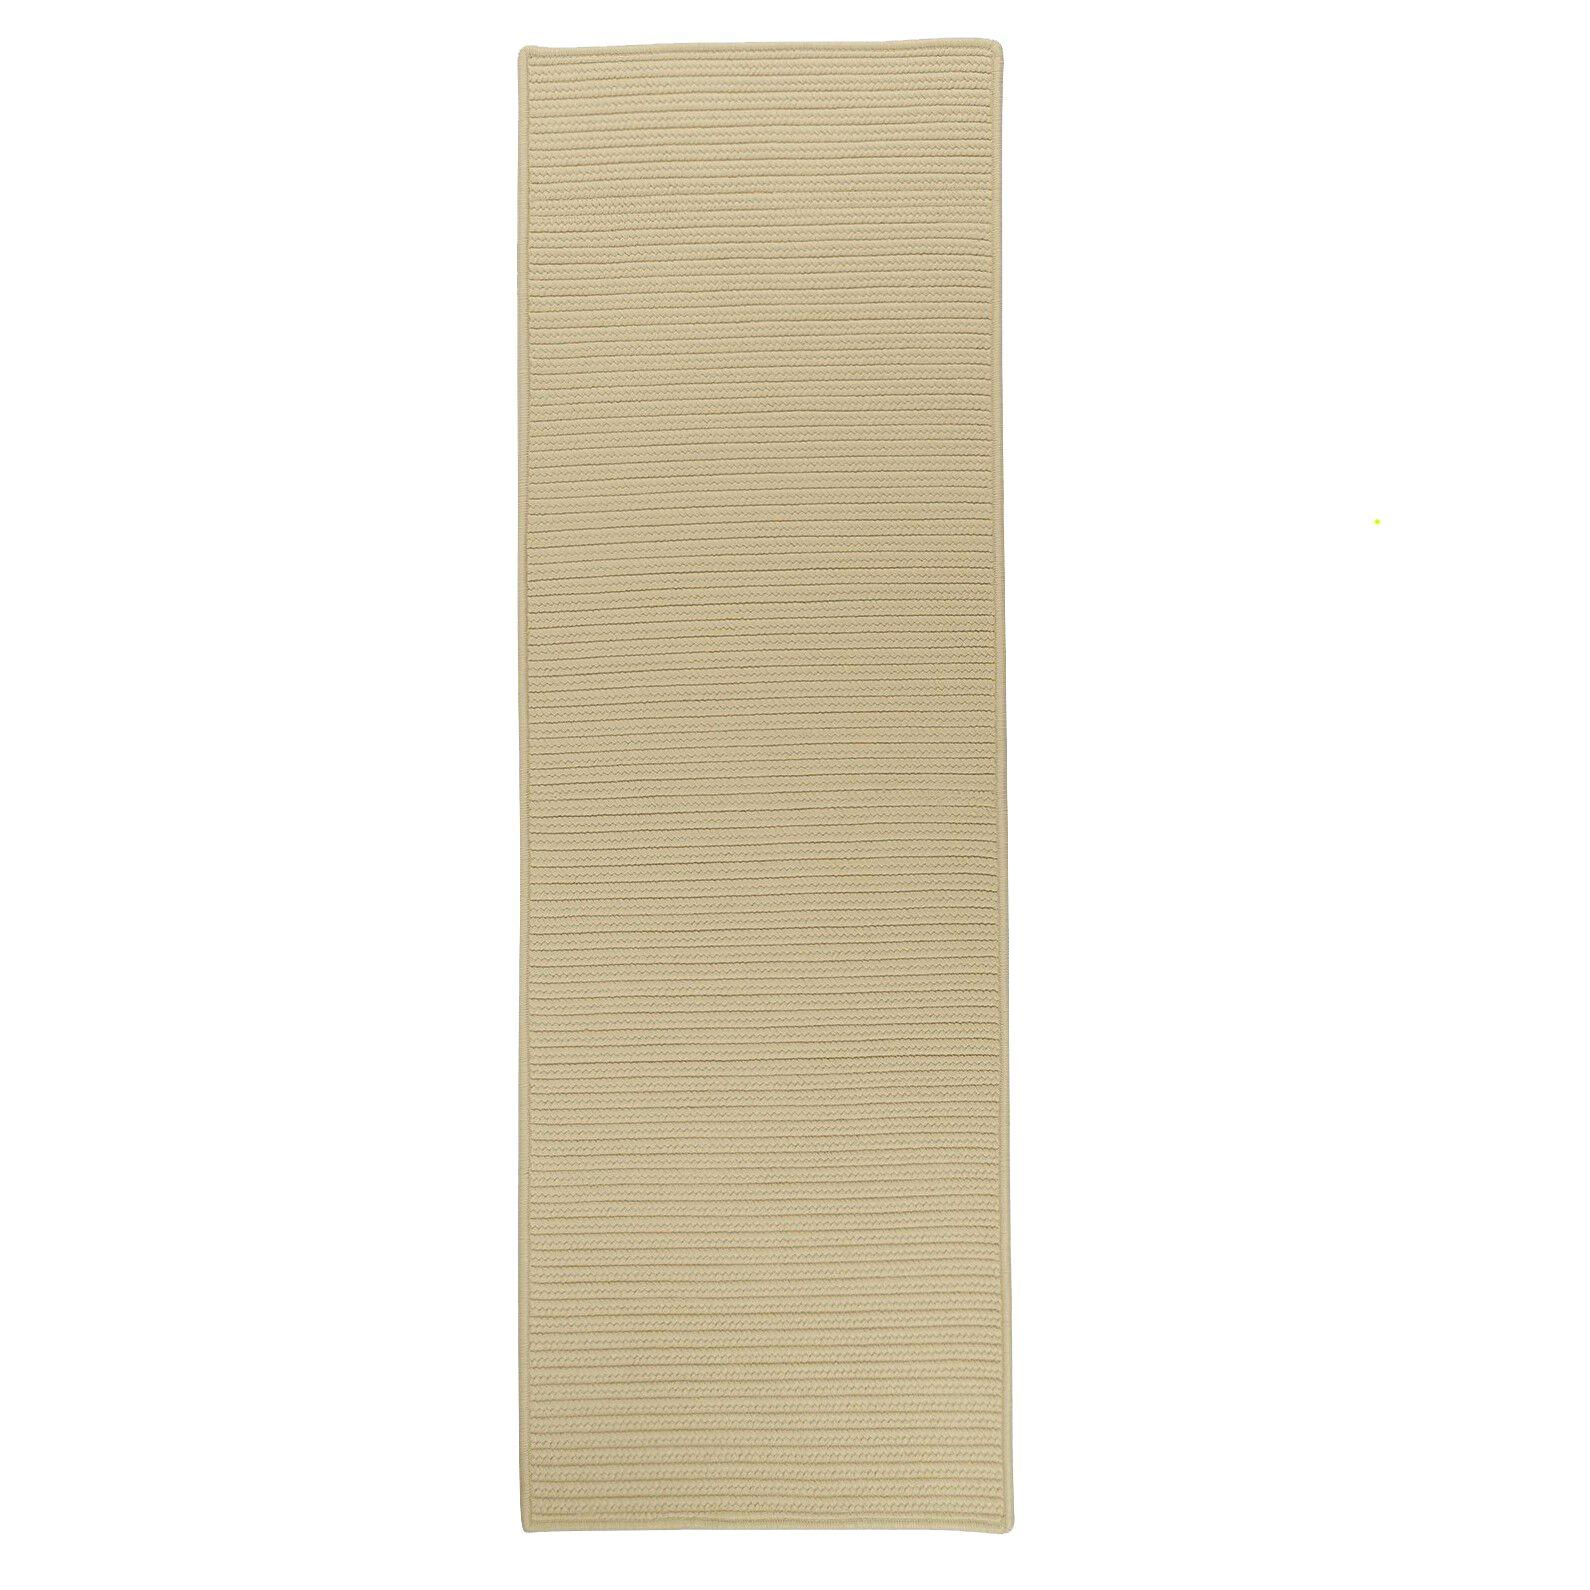 Kamryn Reversible Hand-Braided Beige Indoor/Outdoor Area Rug Rug Size: Runner 2'4